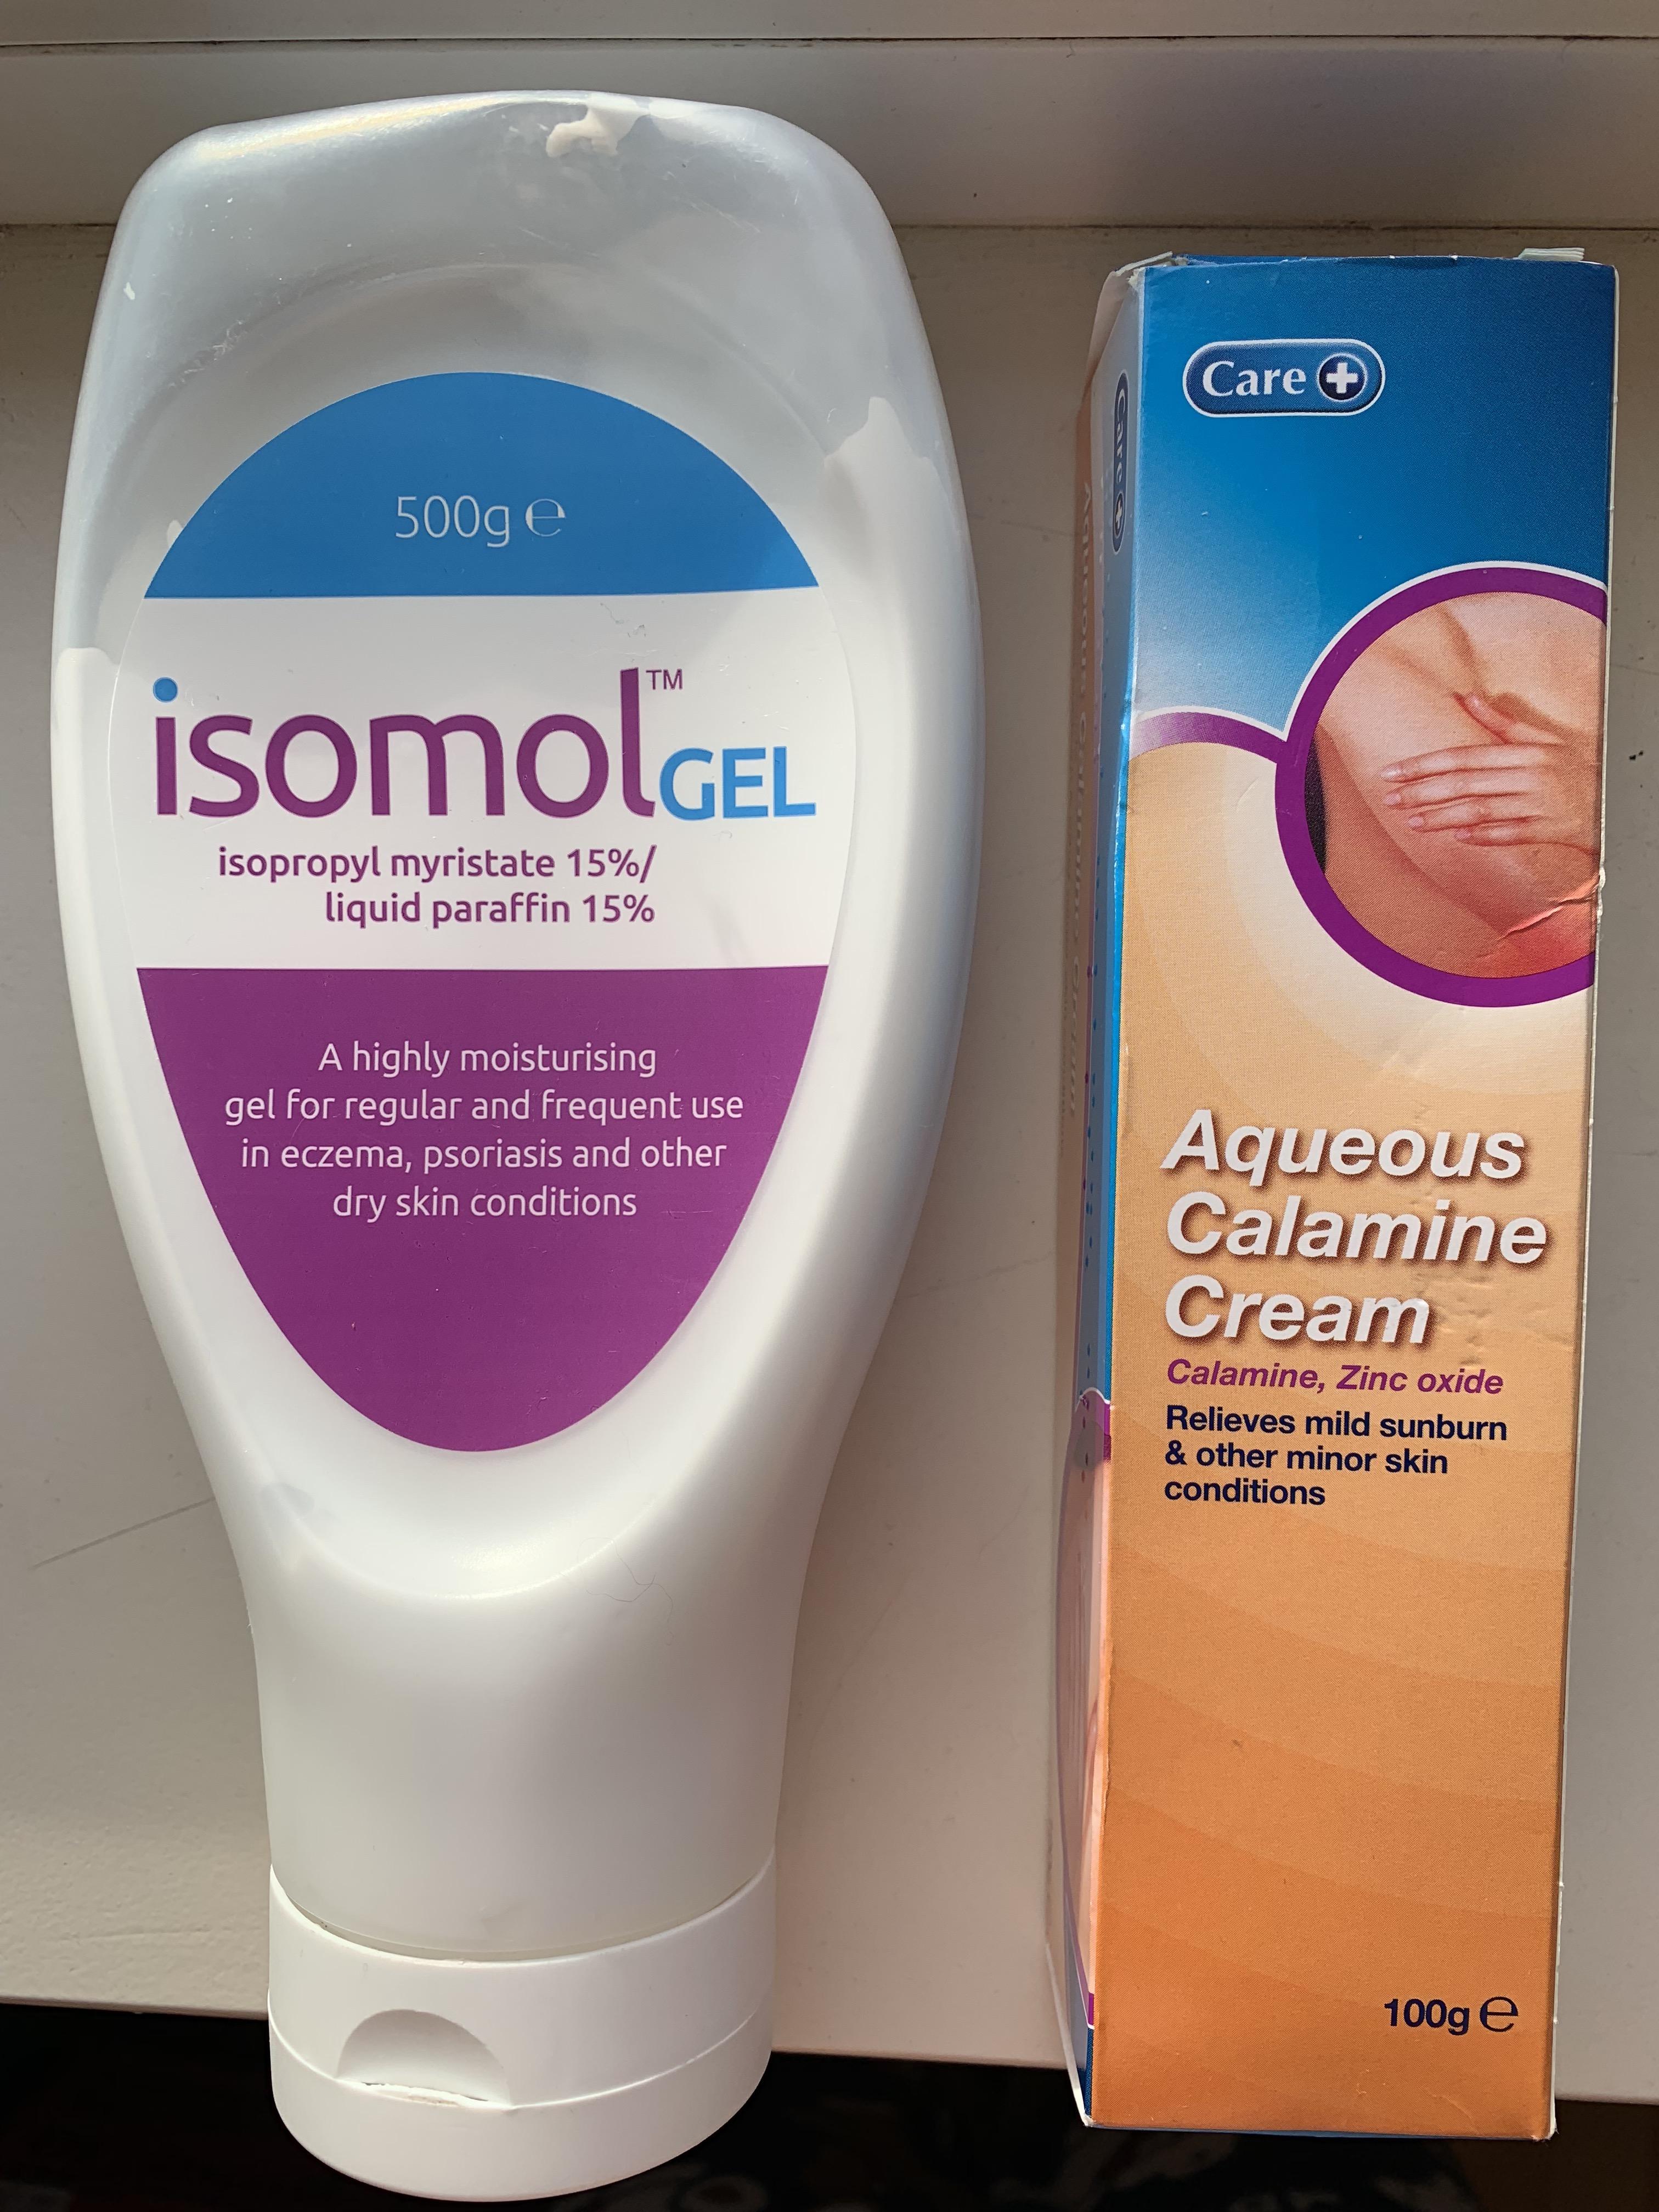 Isomol Gel and Aqueous Calamine Cream